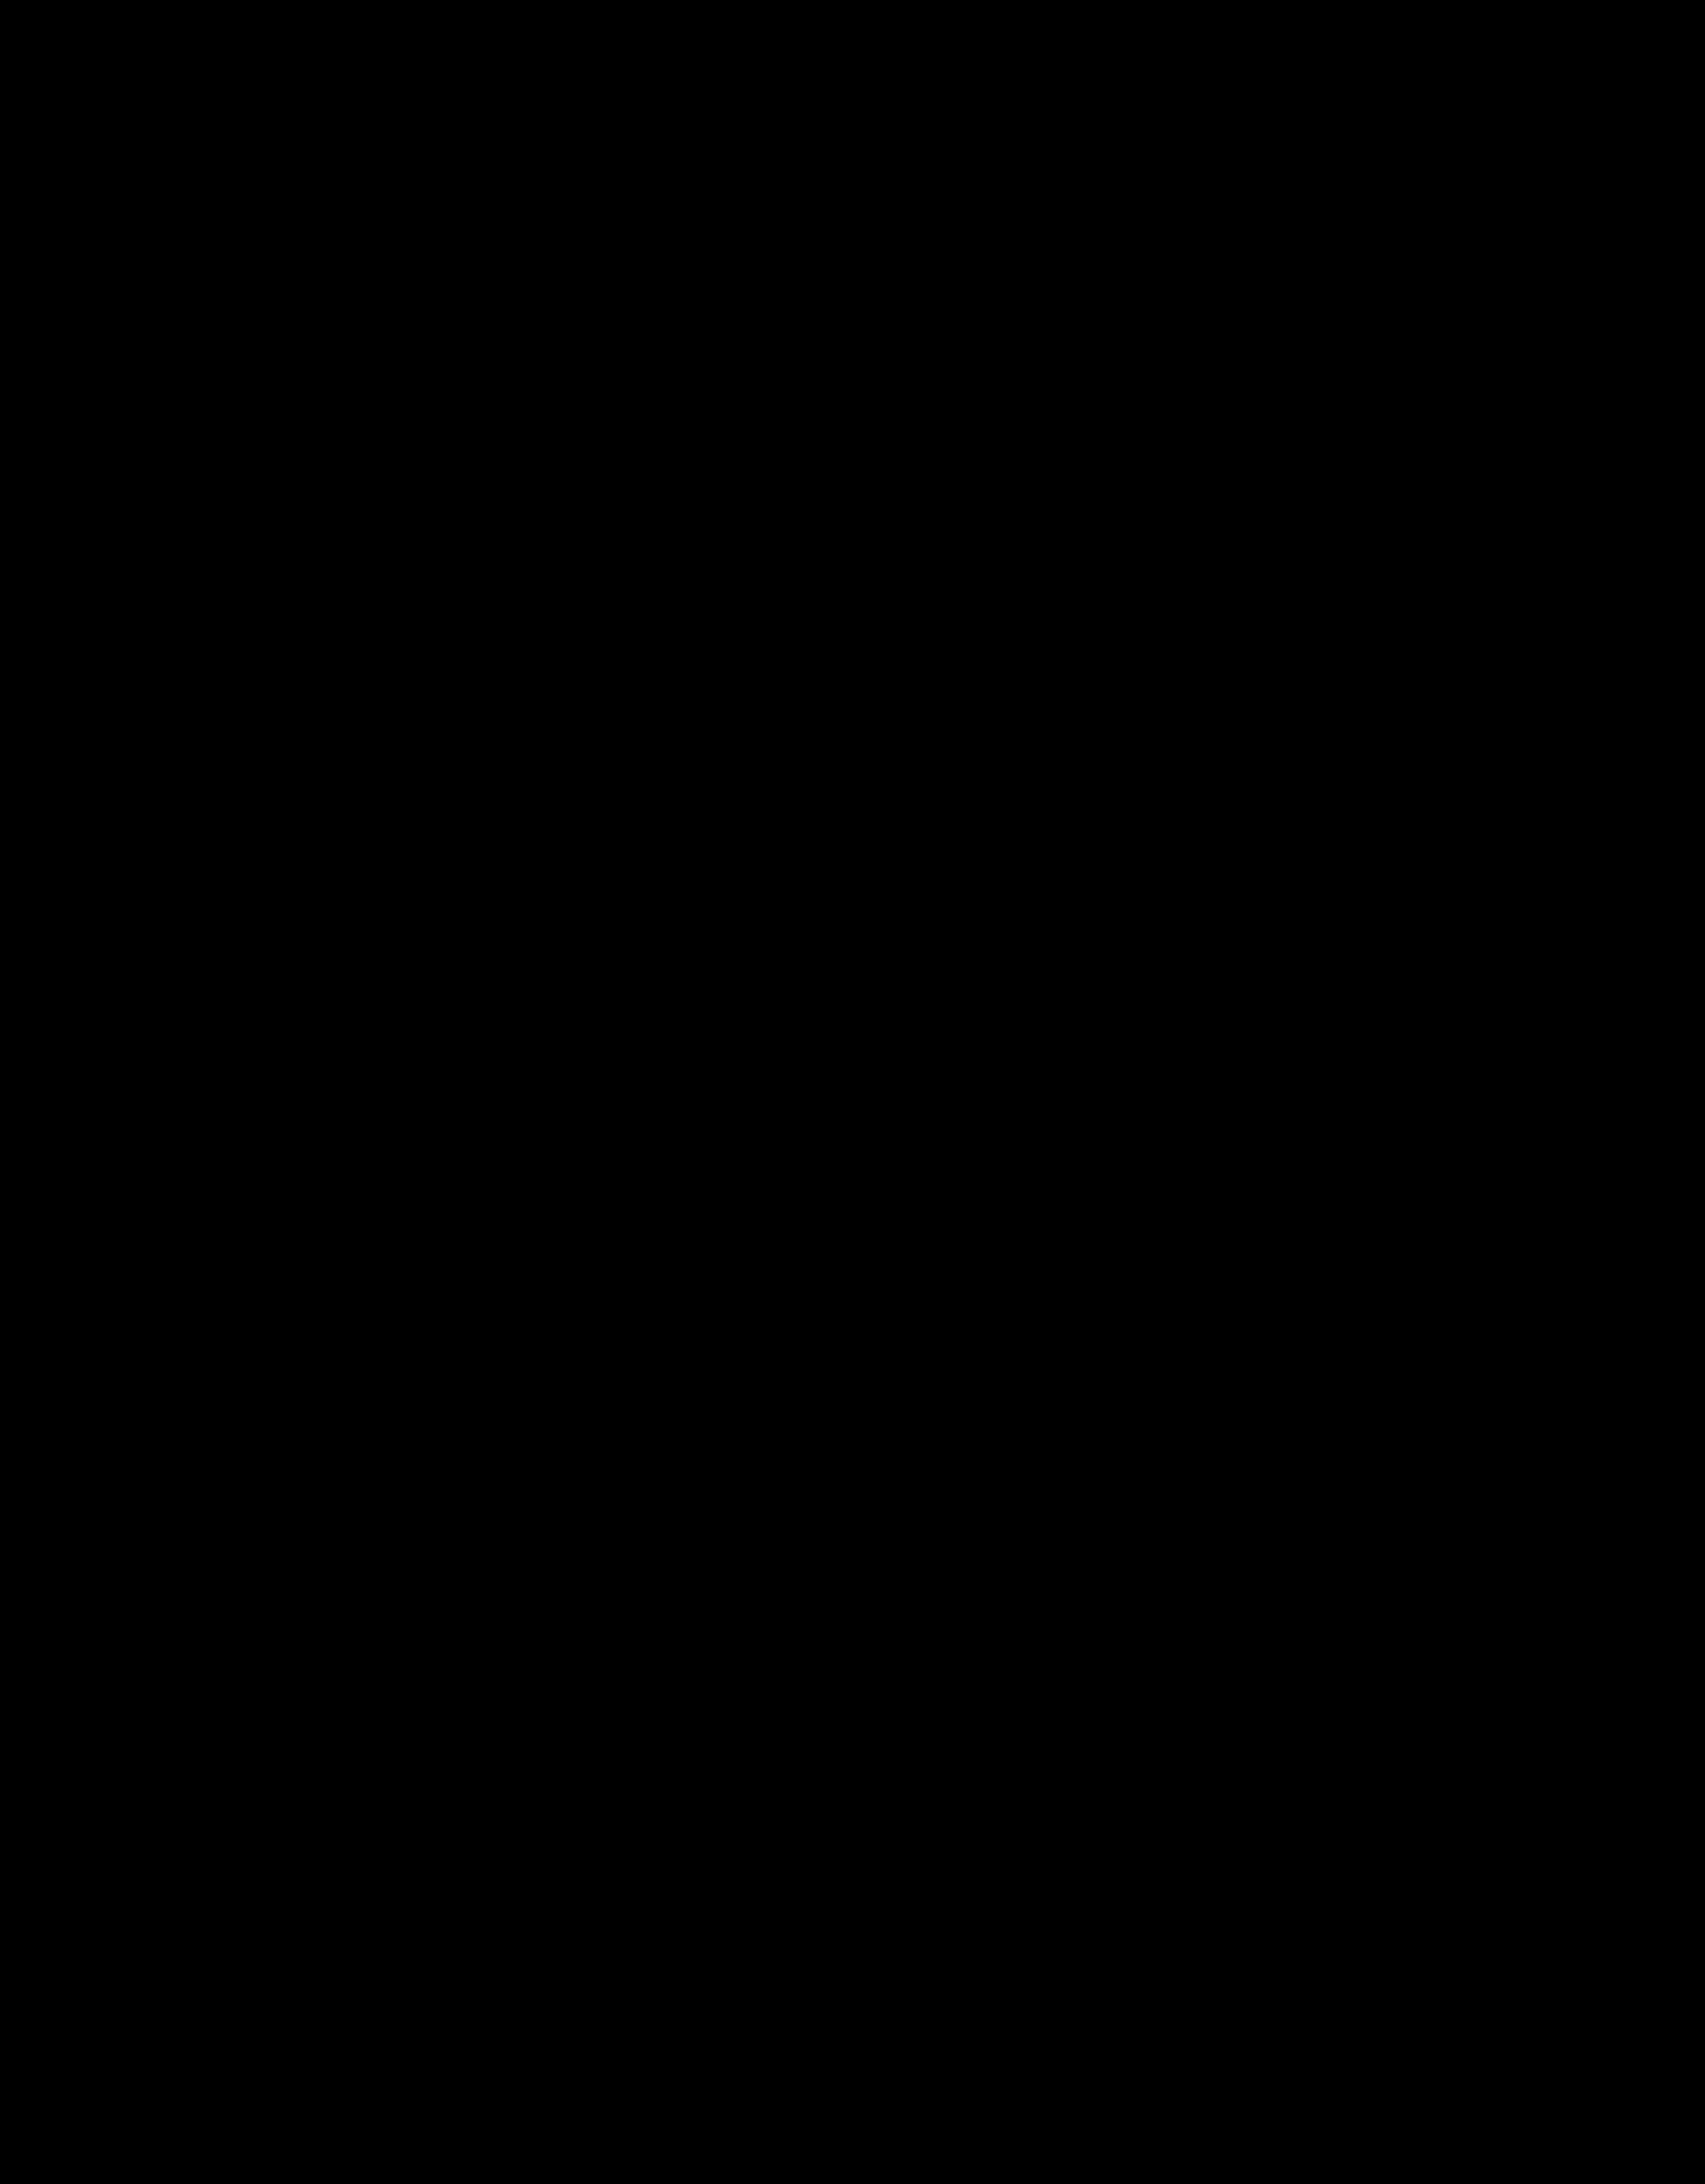 PNG Litter - 45699